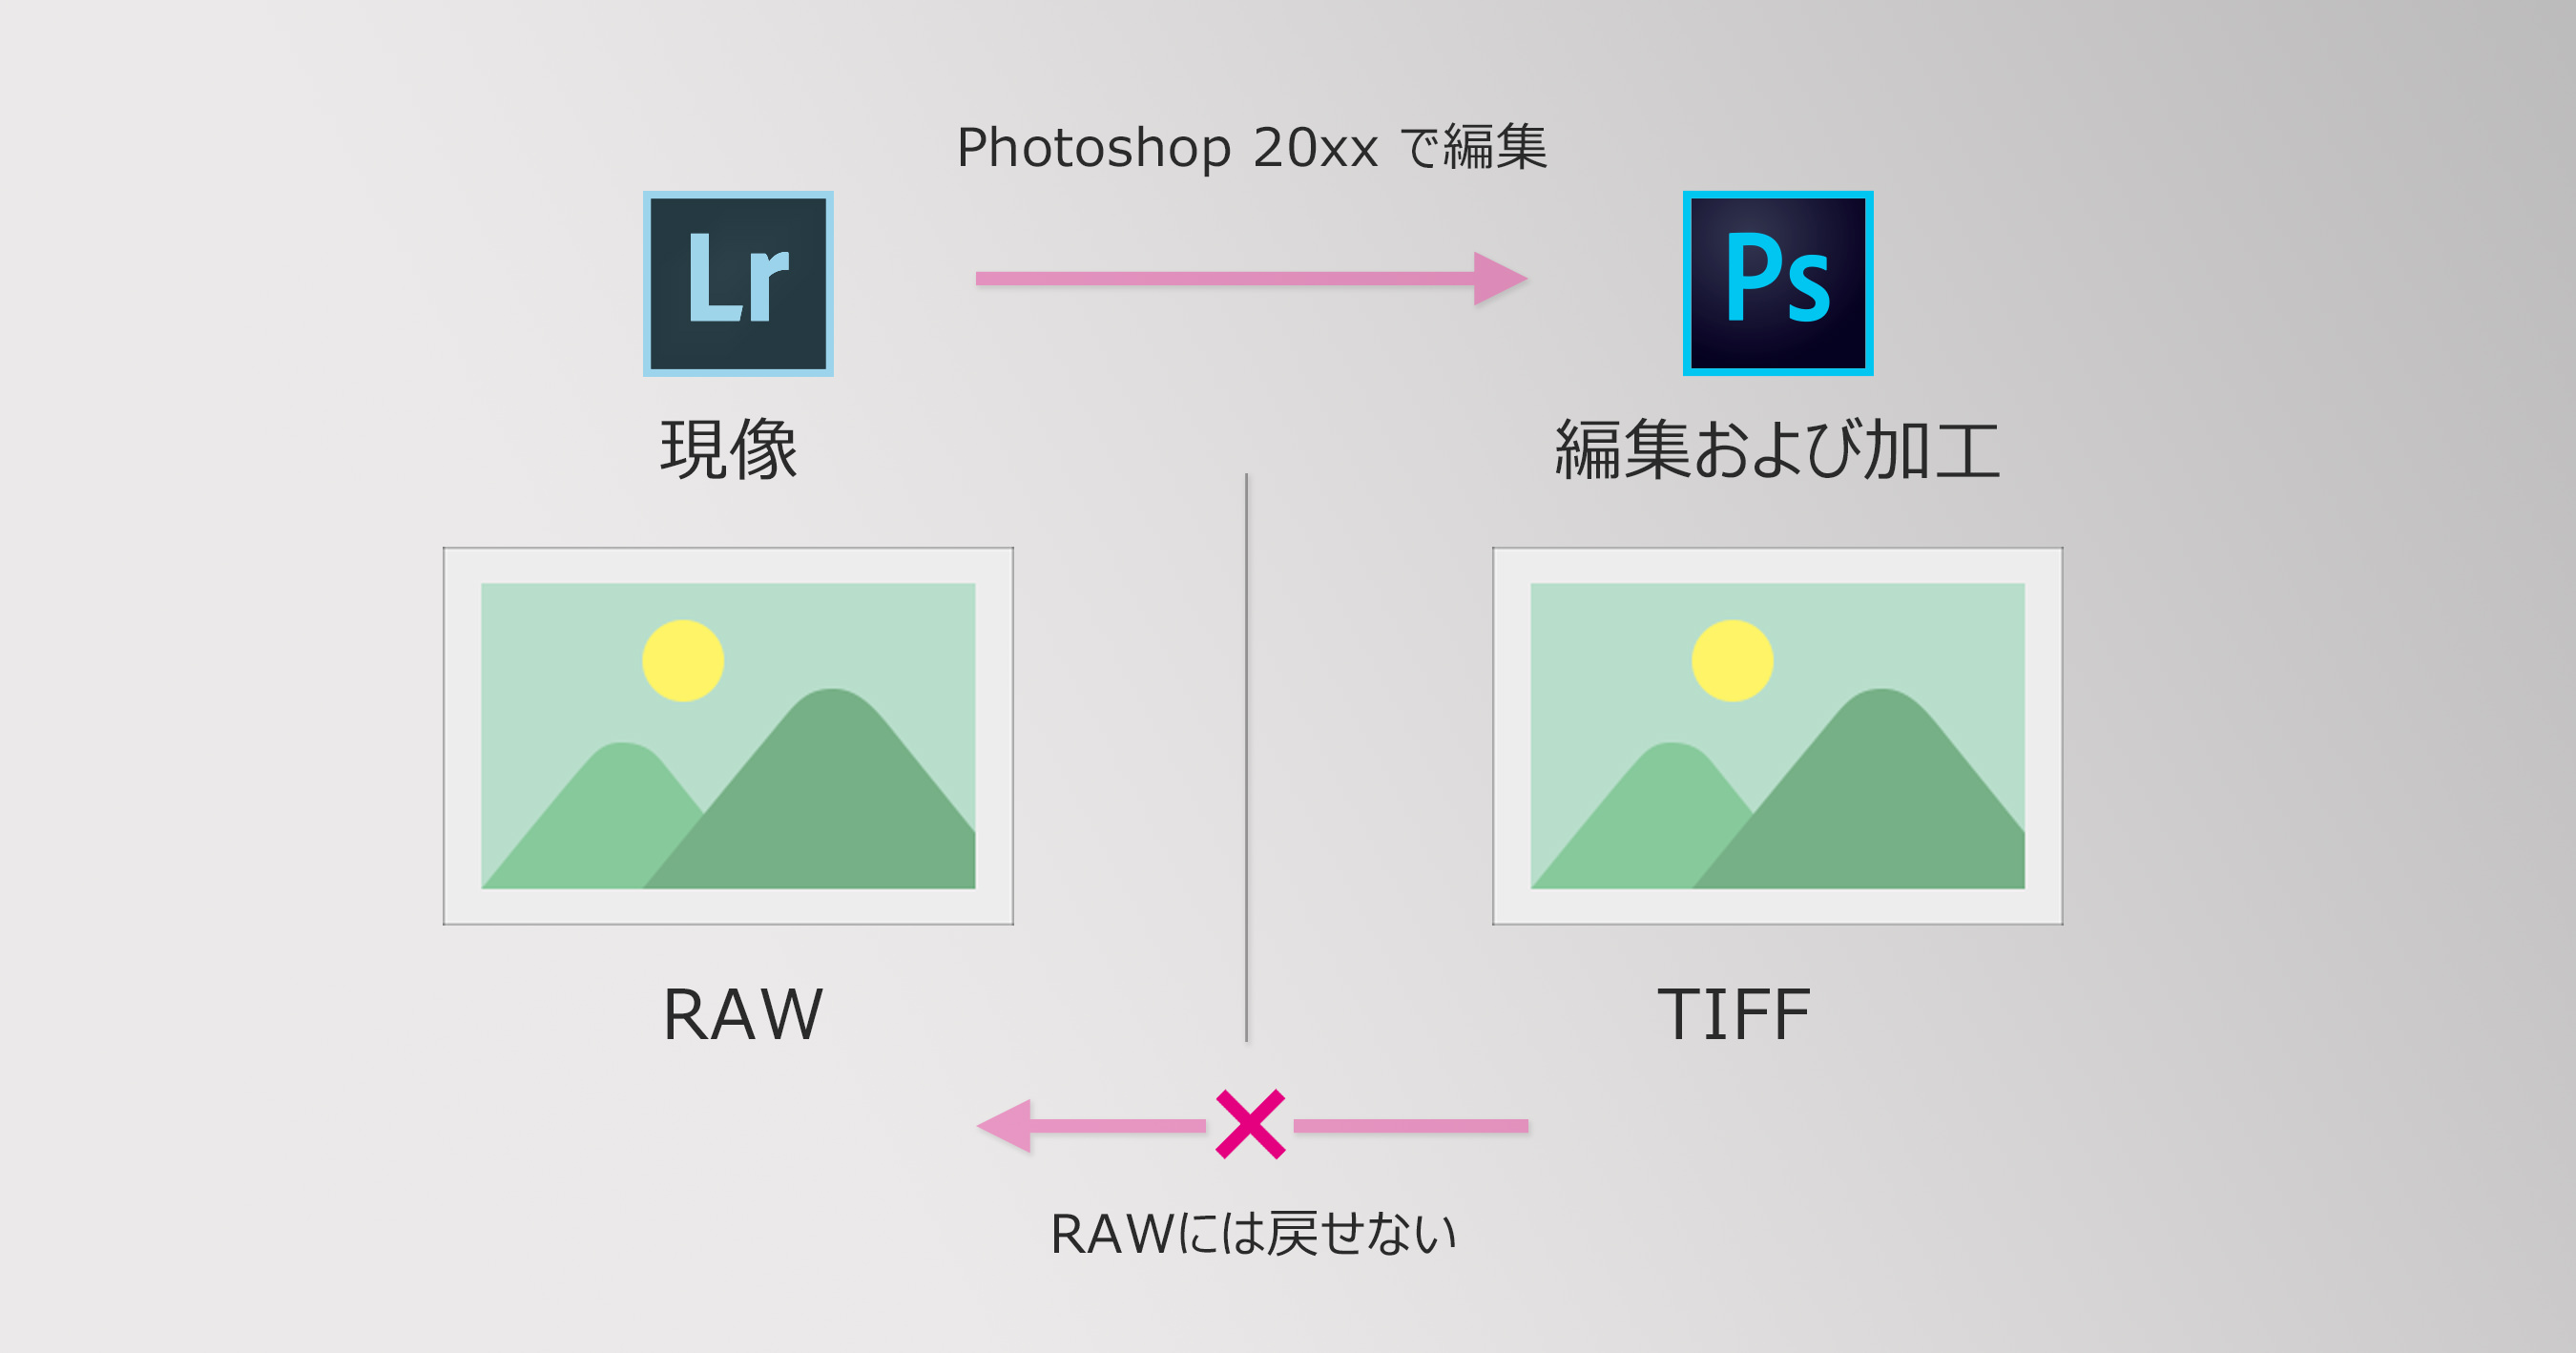 Photoshop20xxで編集